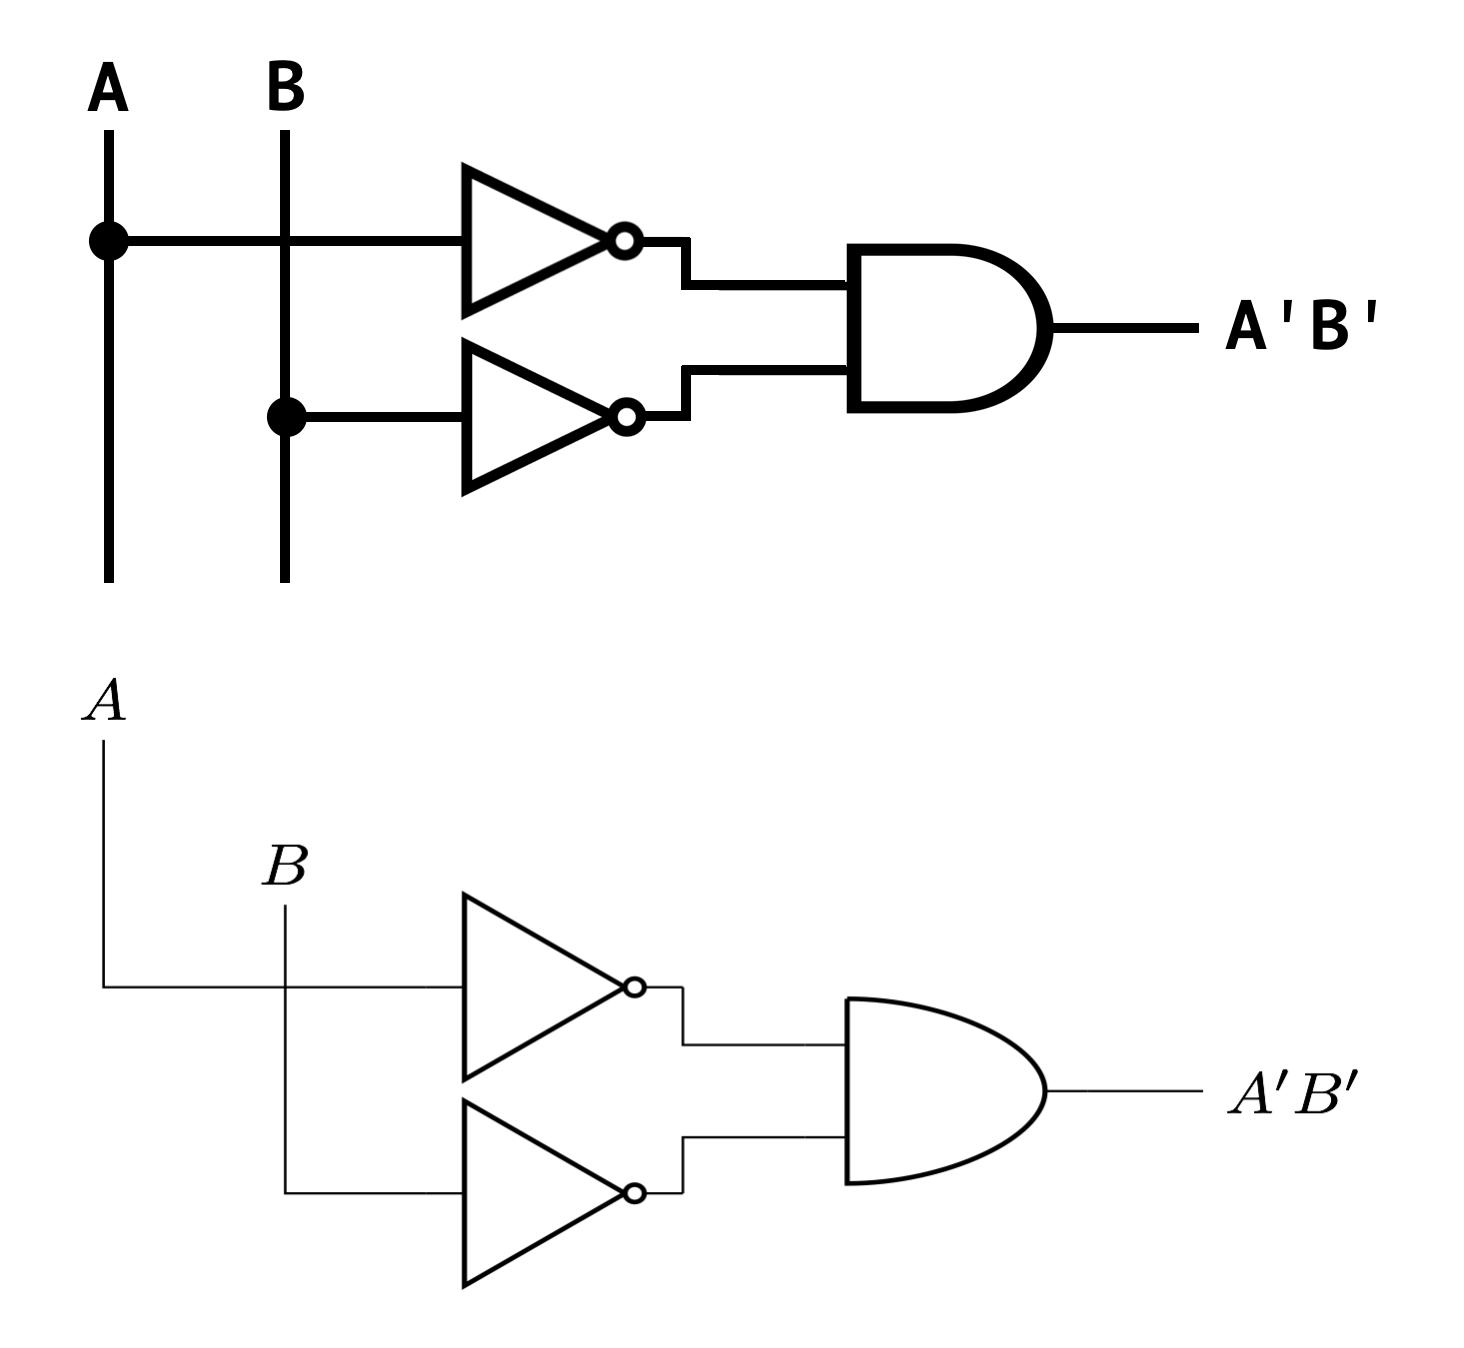 circuit diagram in latex cm 8495  tikz pgf drawing 3d circuit diagram tex latex stack  tikz pgf drawing 3d circuit diagram tex